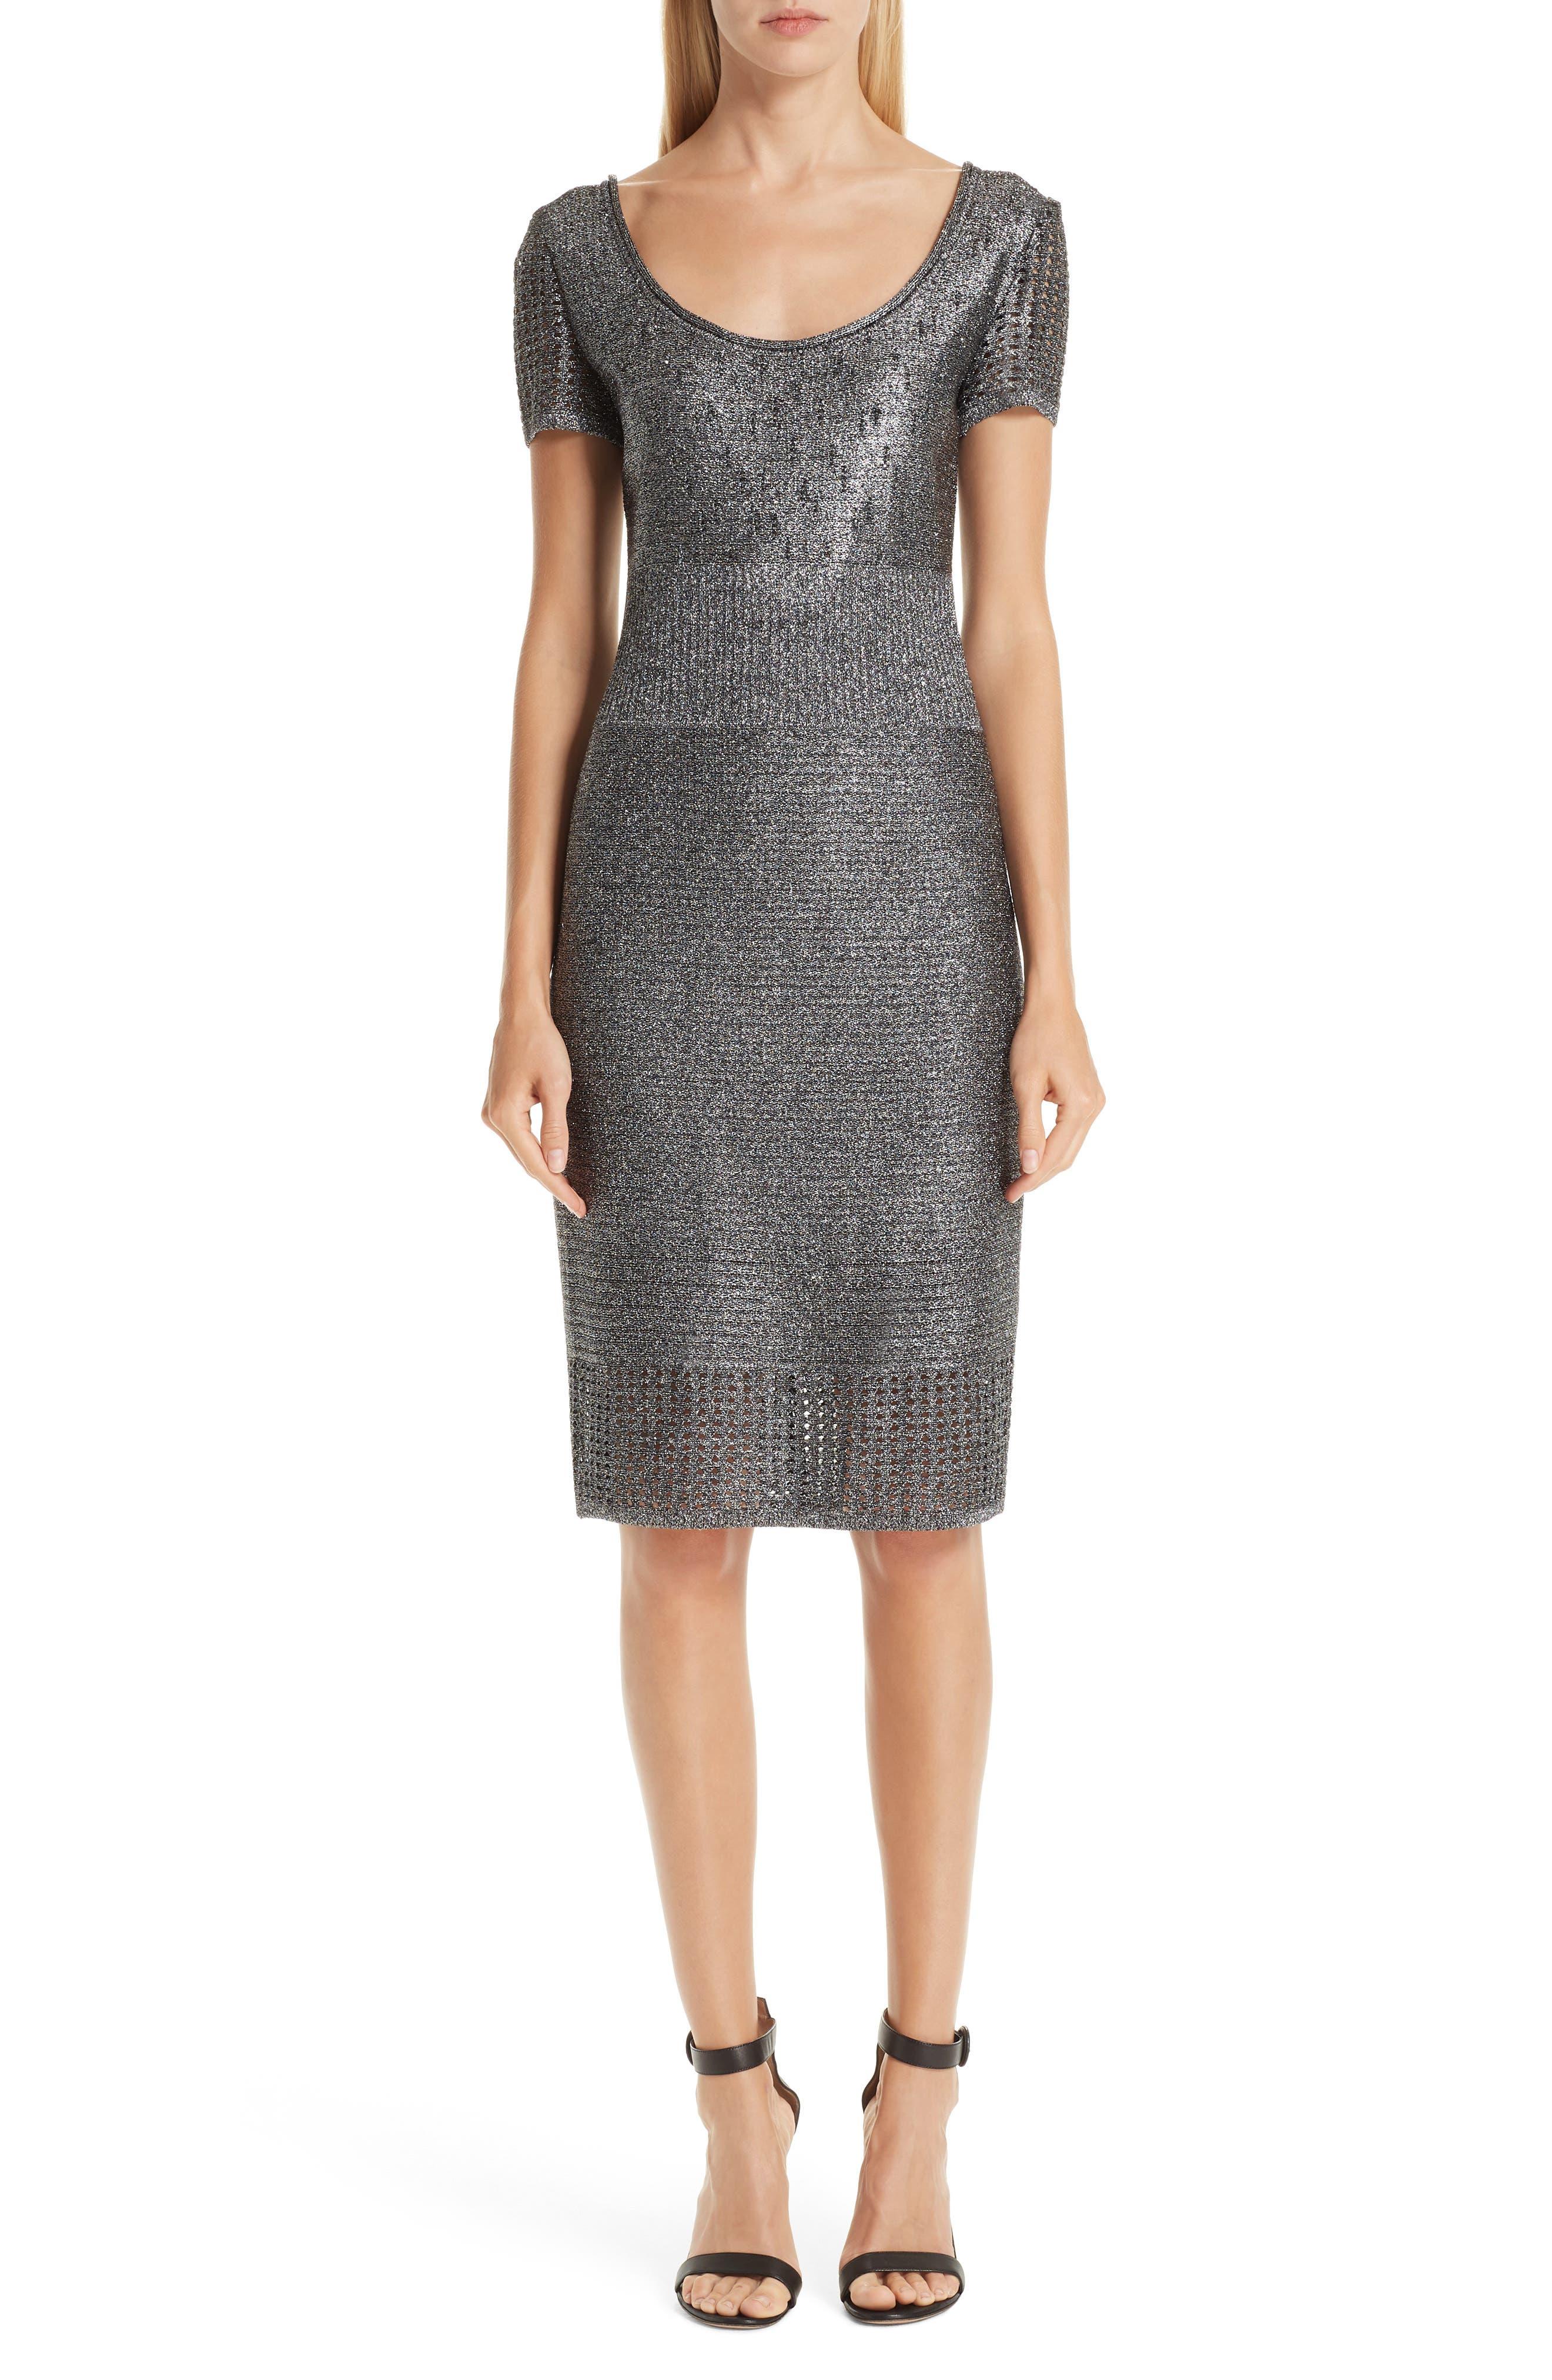 ST. JOHN COLLECTION Metallic Plaited Mixed Knit Dress, Main, color, GUNMETAL/ CAVIAR